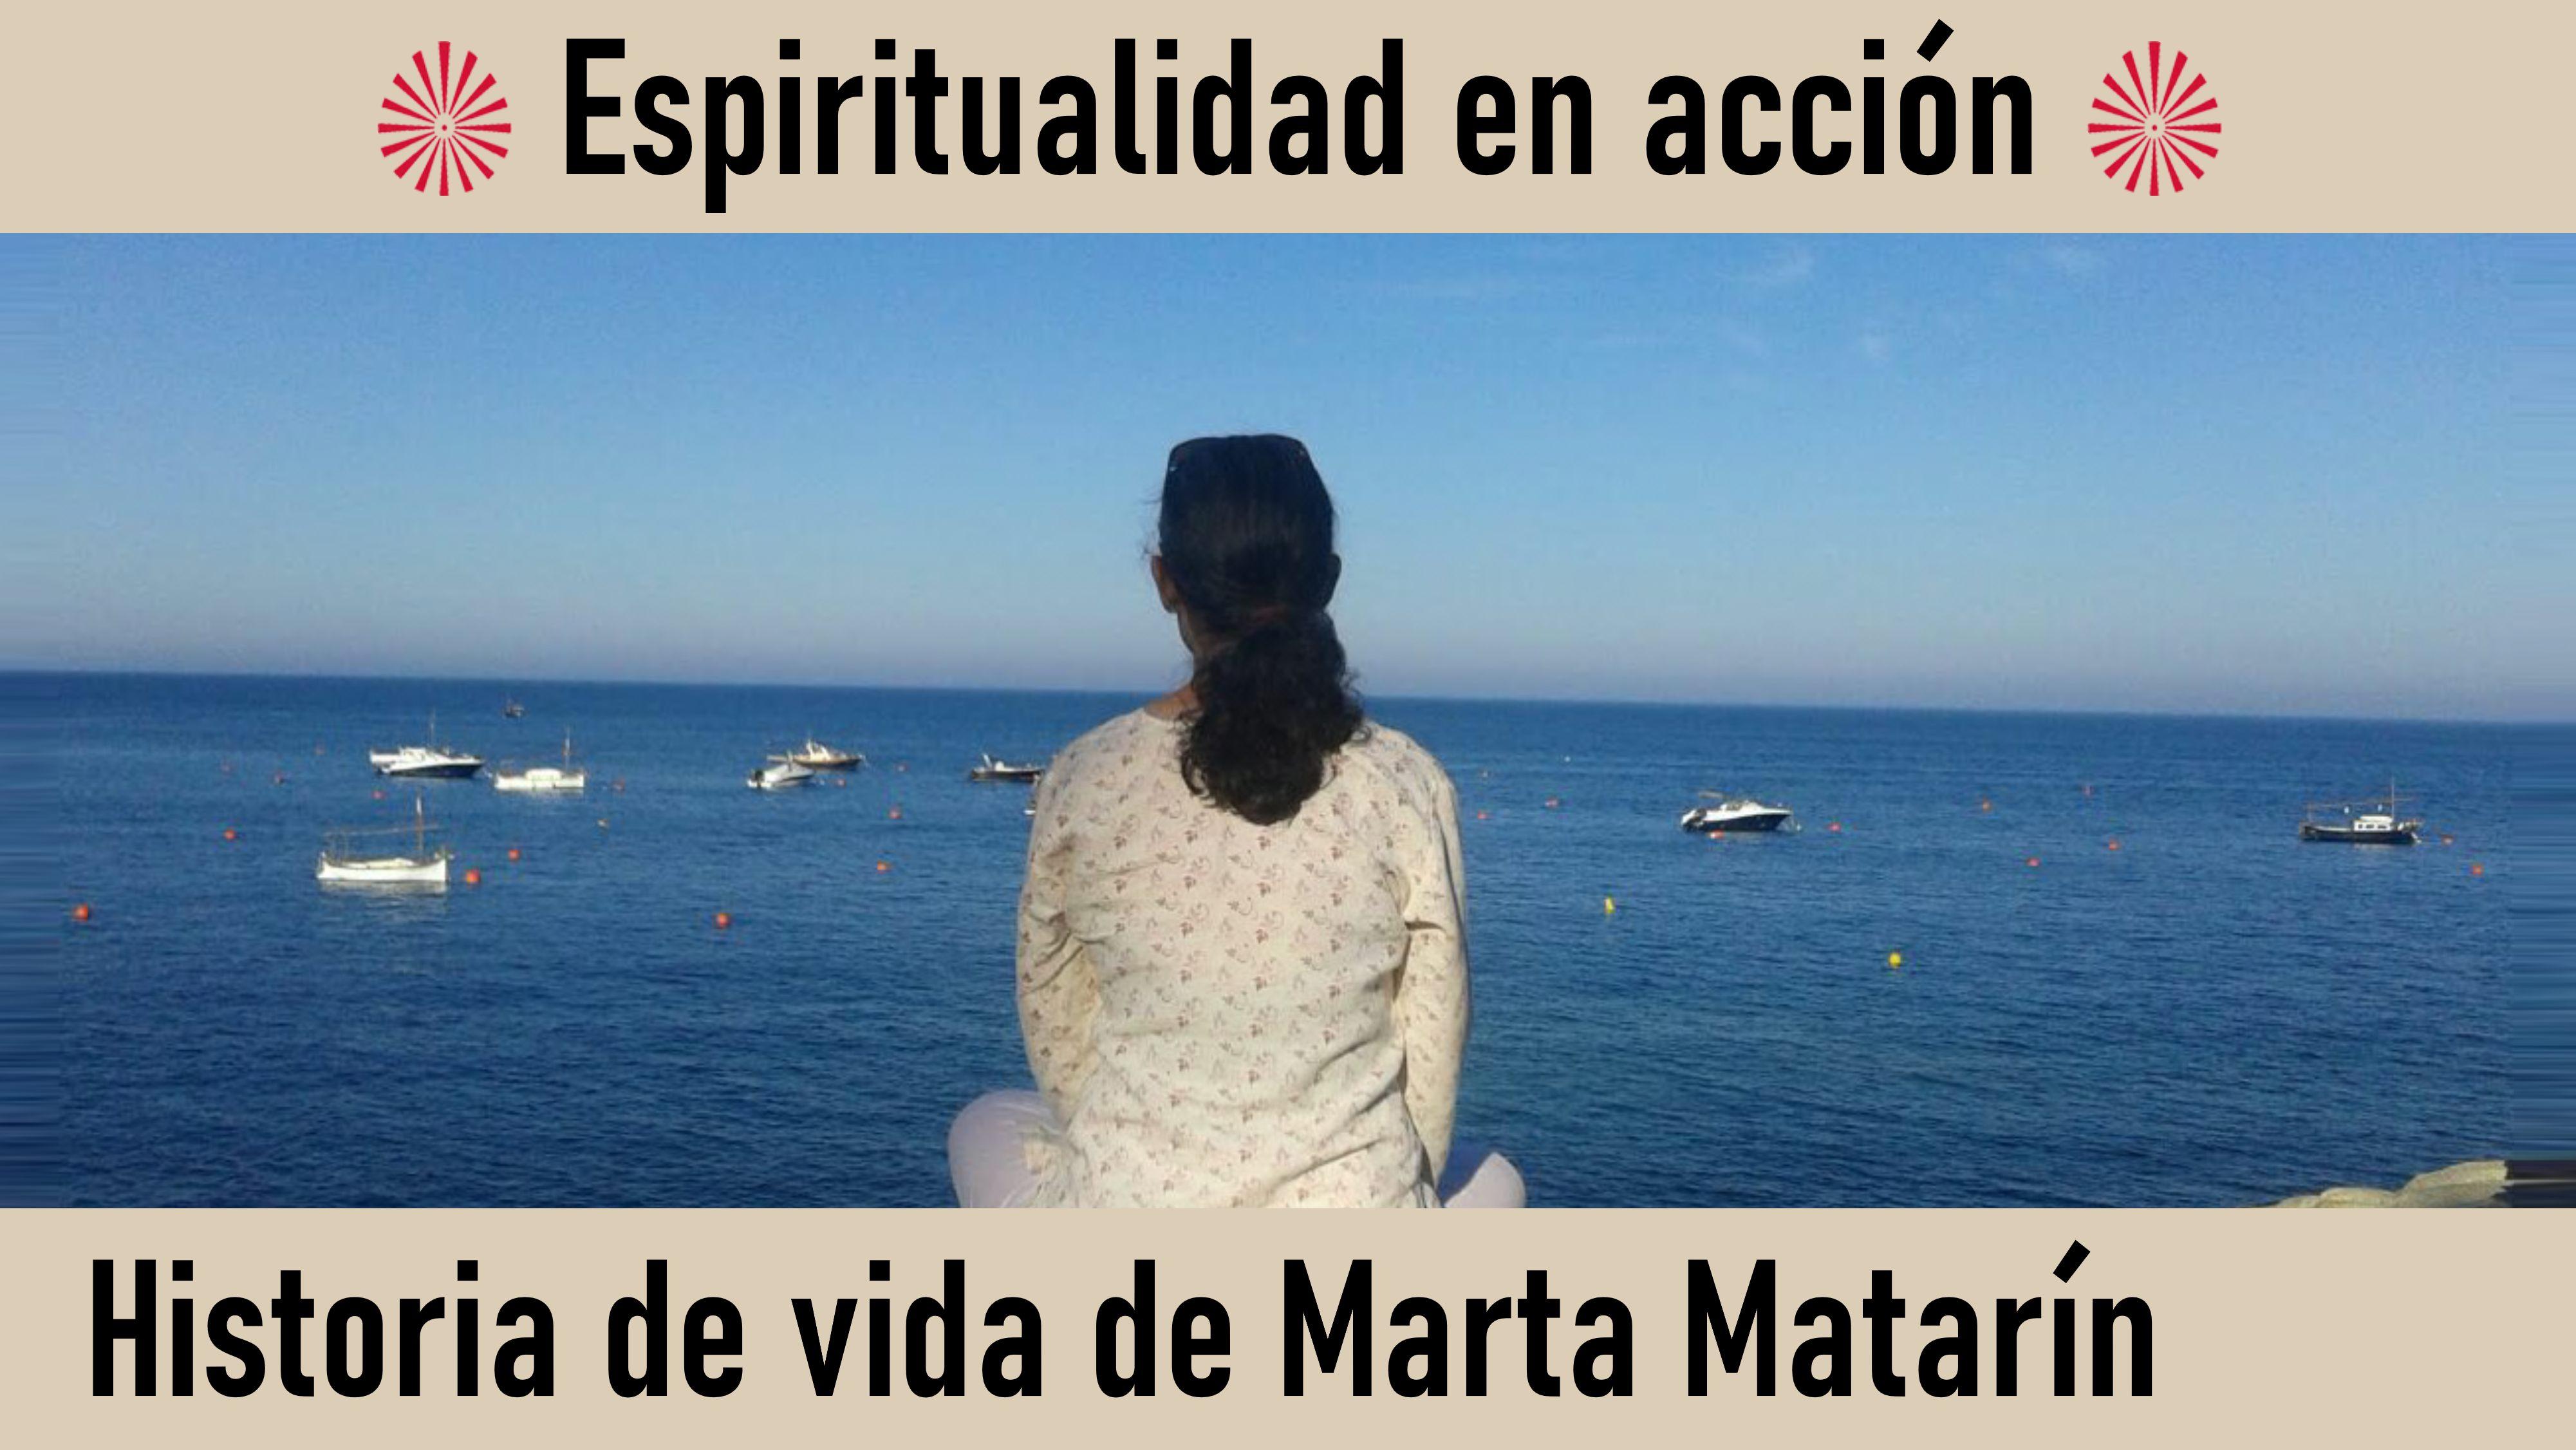 Espiritualidad en acción. Historia de vida de Marta Matarín (12 Junio 2020) On-line desde Barcelona